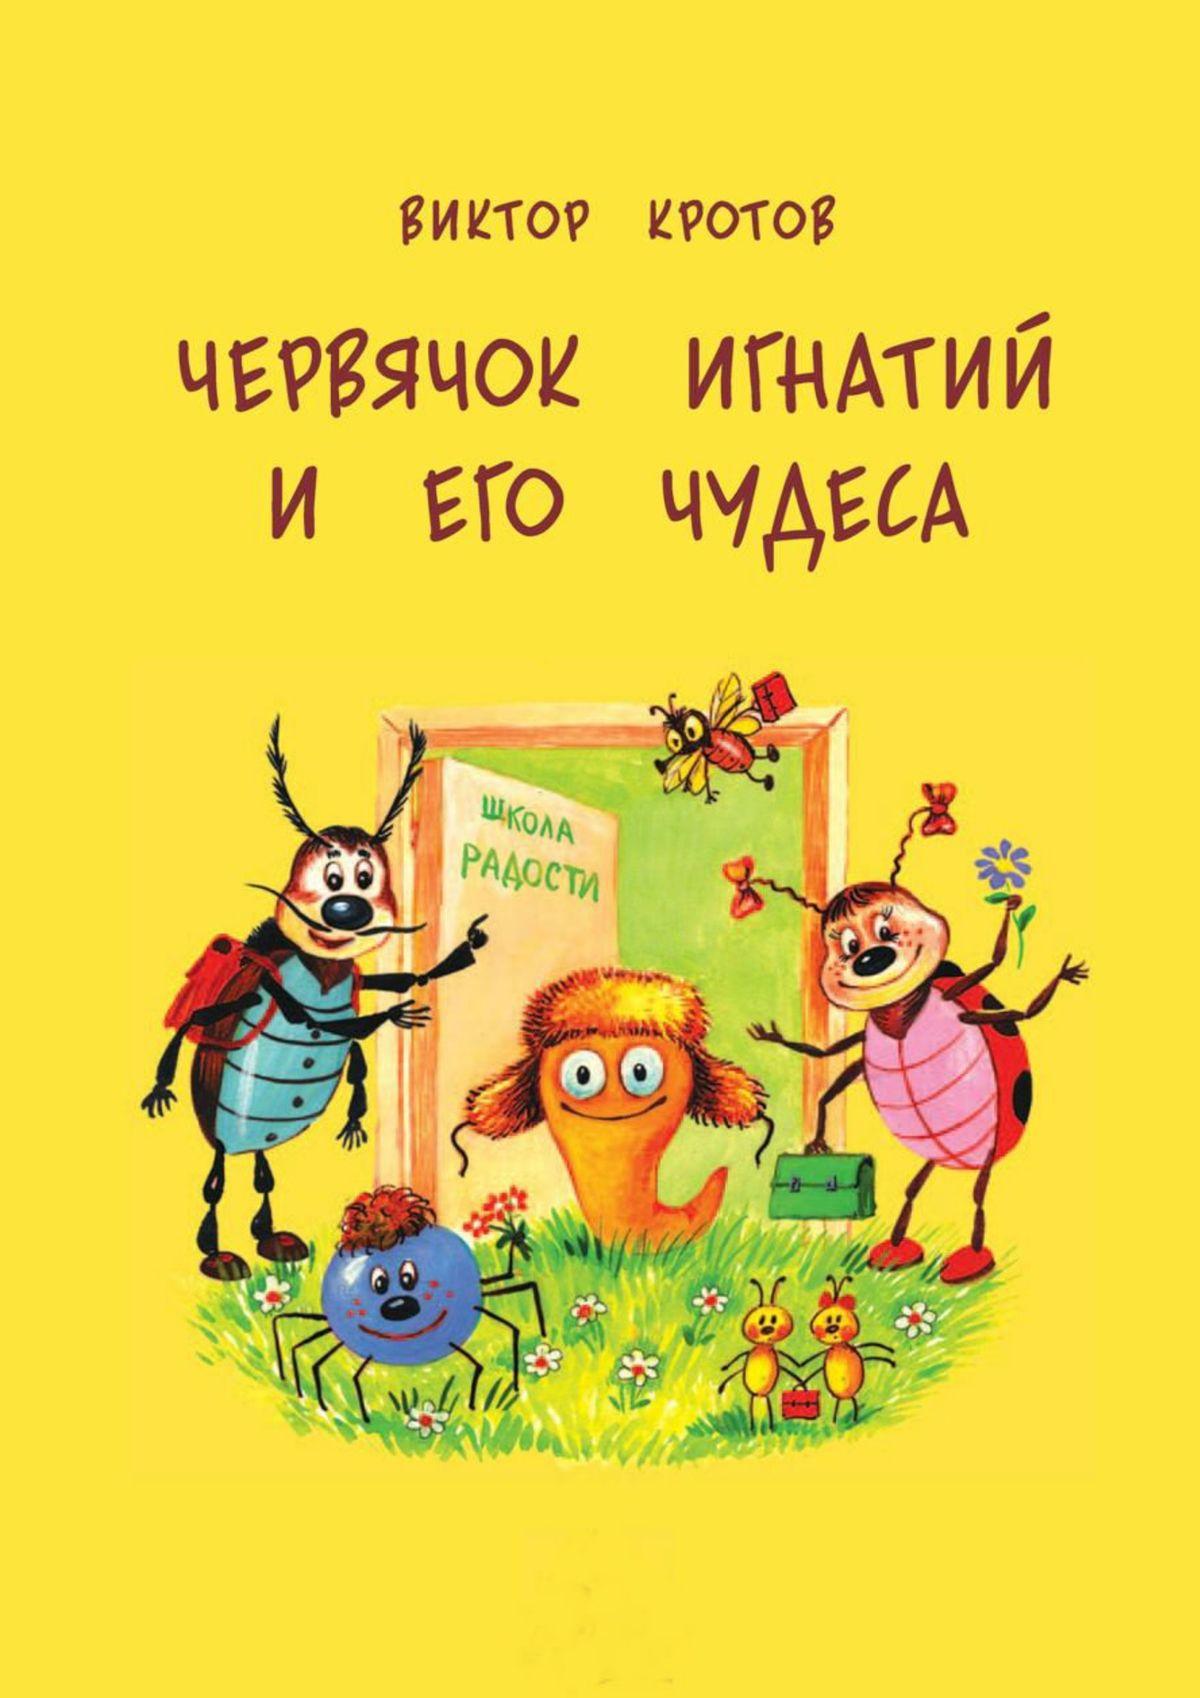 все цены на Виктор Кротов Червячок Игнатий и его чудеса. 20 сказочных историй онлайн